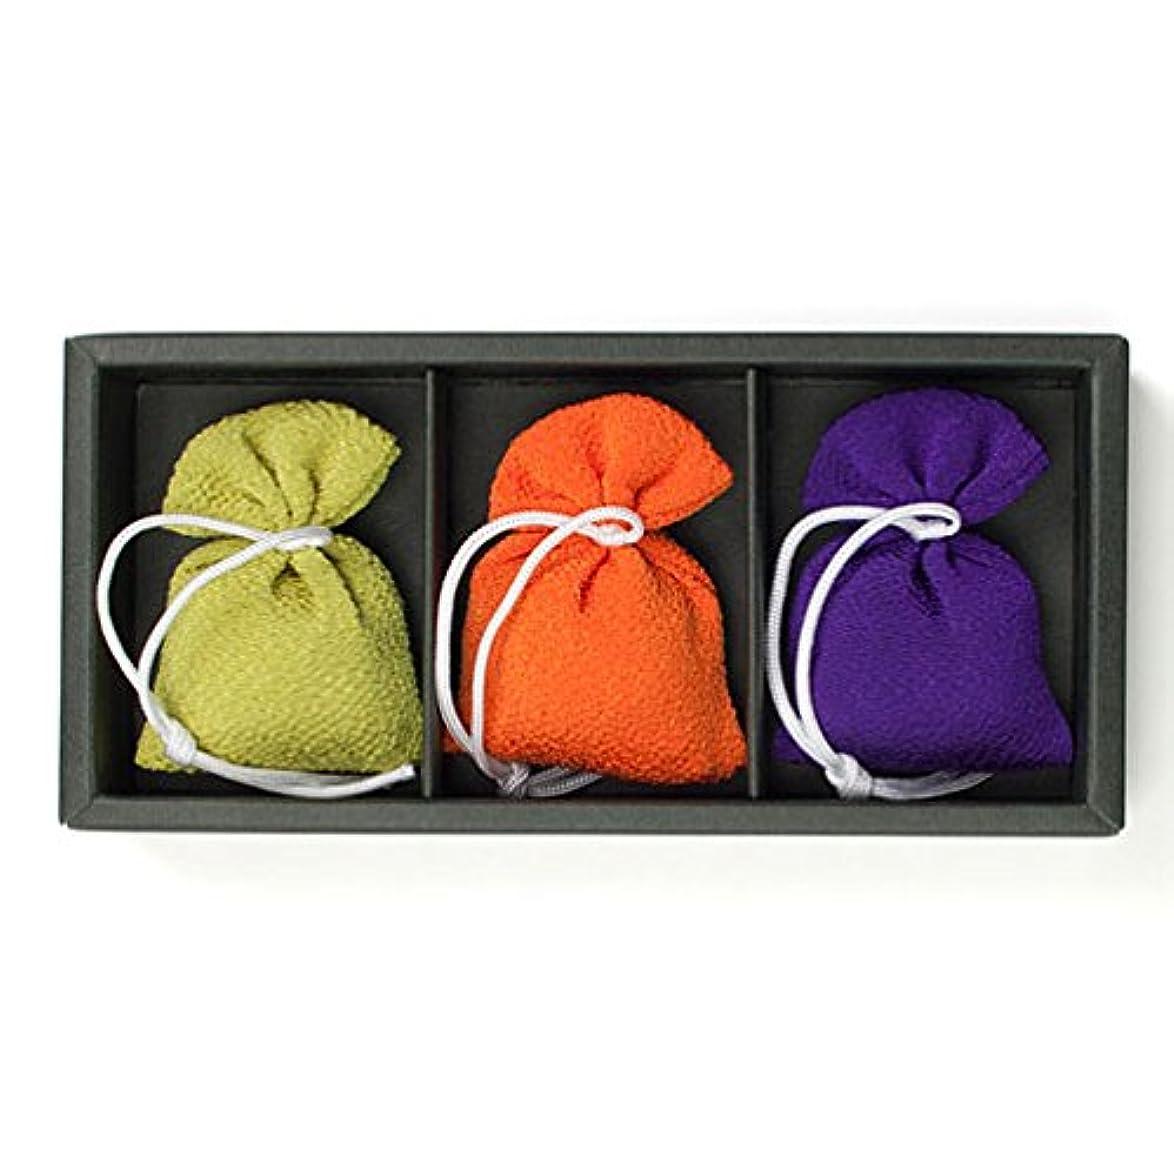 研磨剤ビットコメント匂い袋 誰が袖 上品(無地) (色はおまかせ) 3個入 松栄堂 Shoyeido